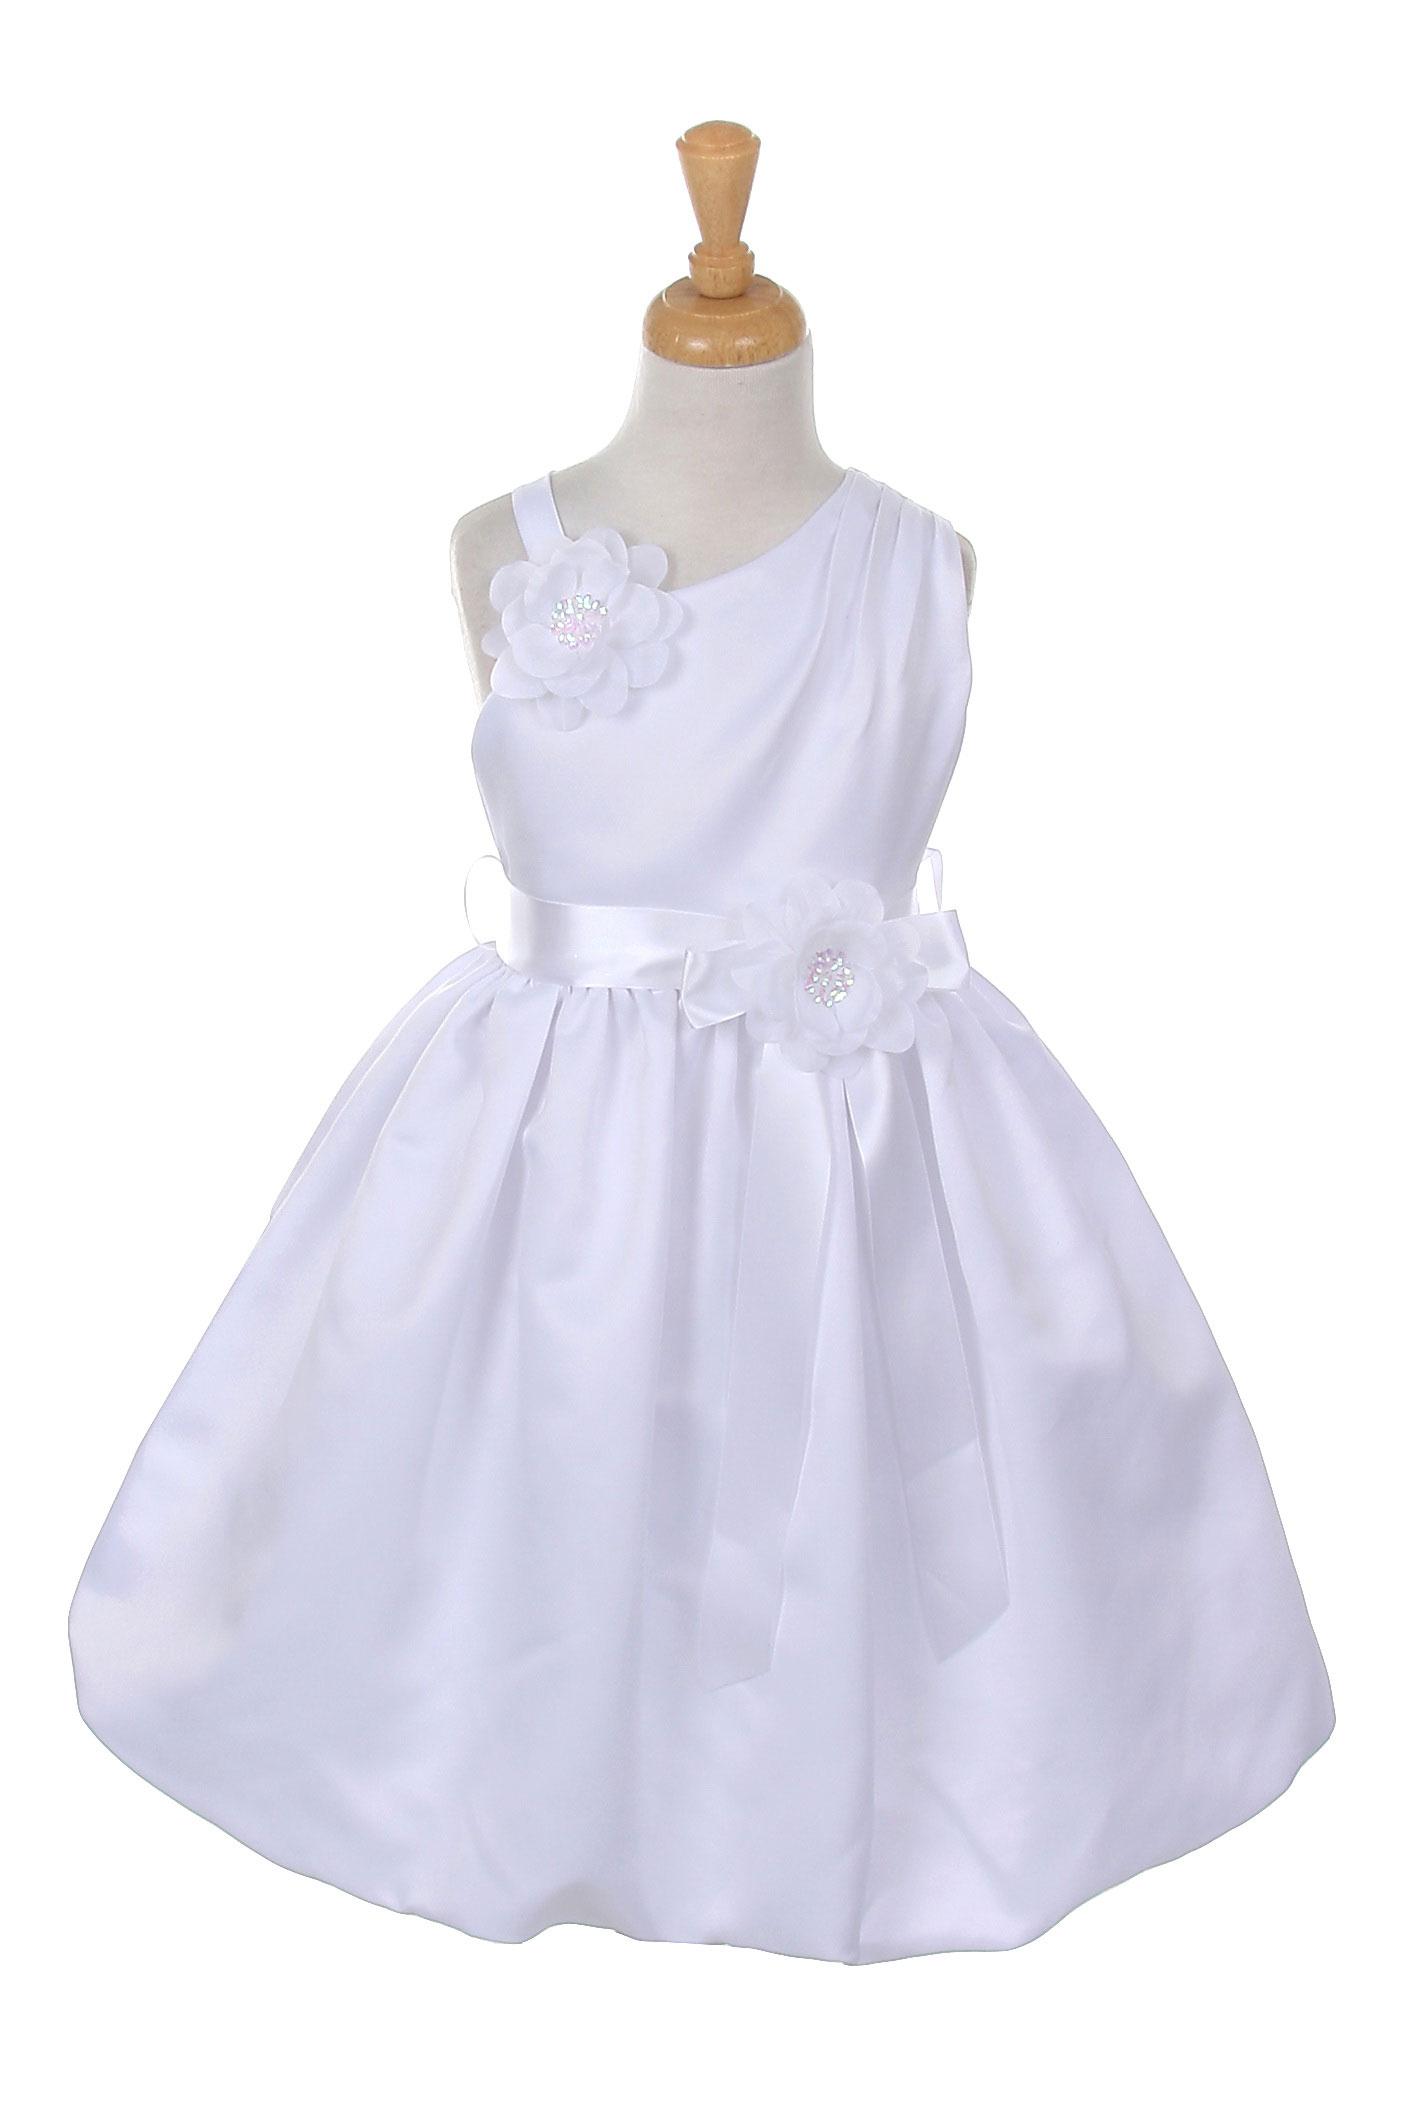 CC 1187W 14 Girls Dress Style 1187 WHITE Asymmetrical Dress with Bubble Sk